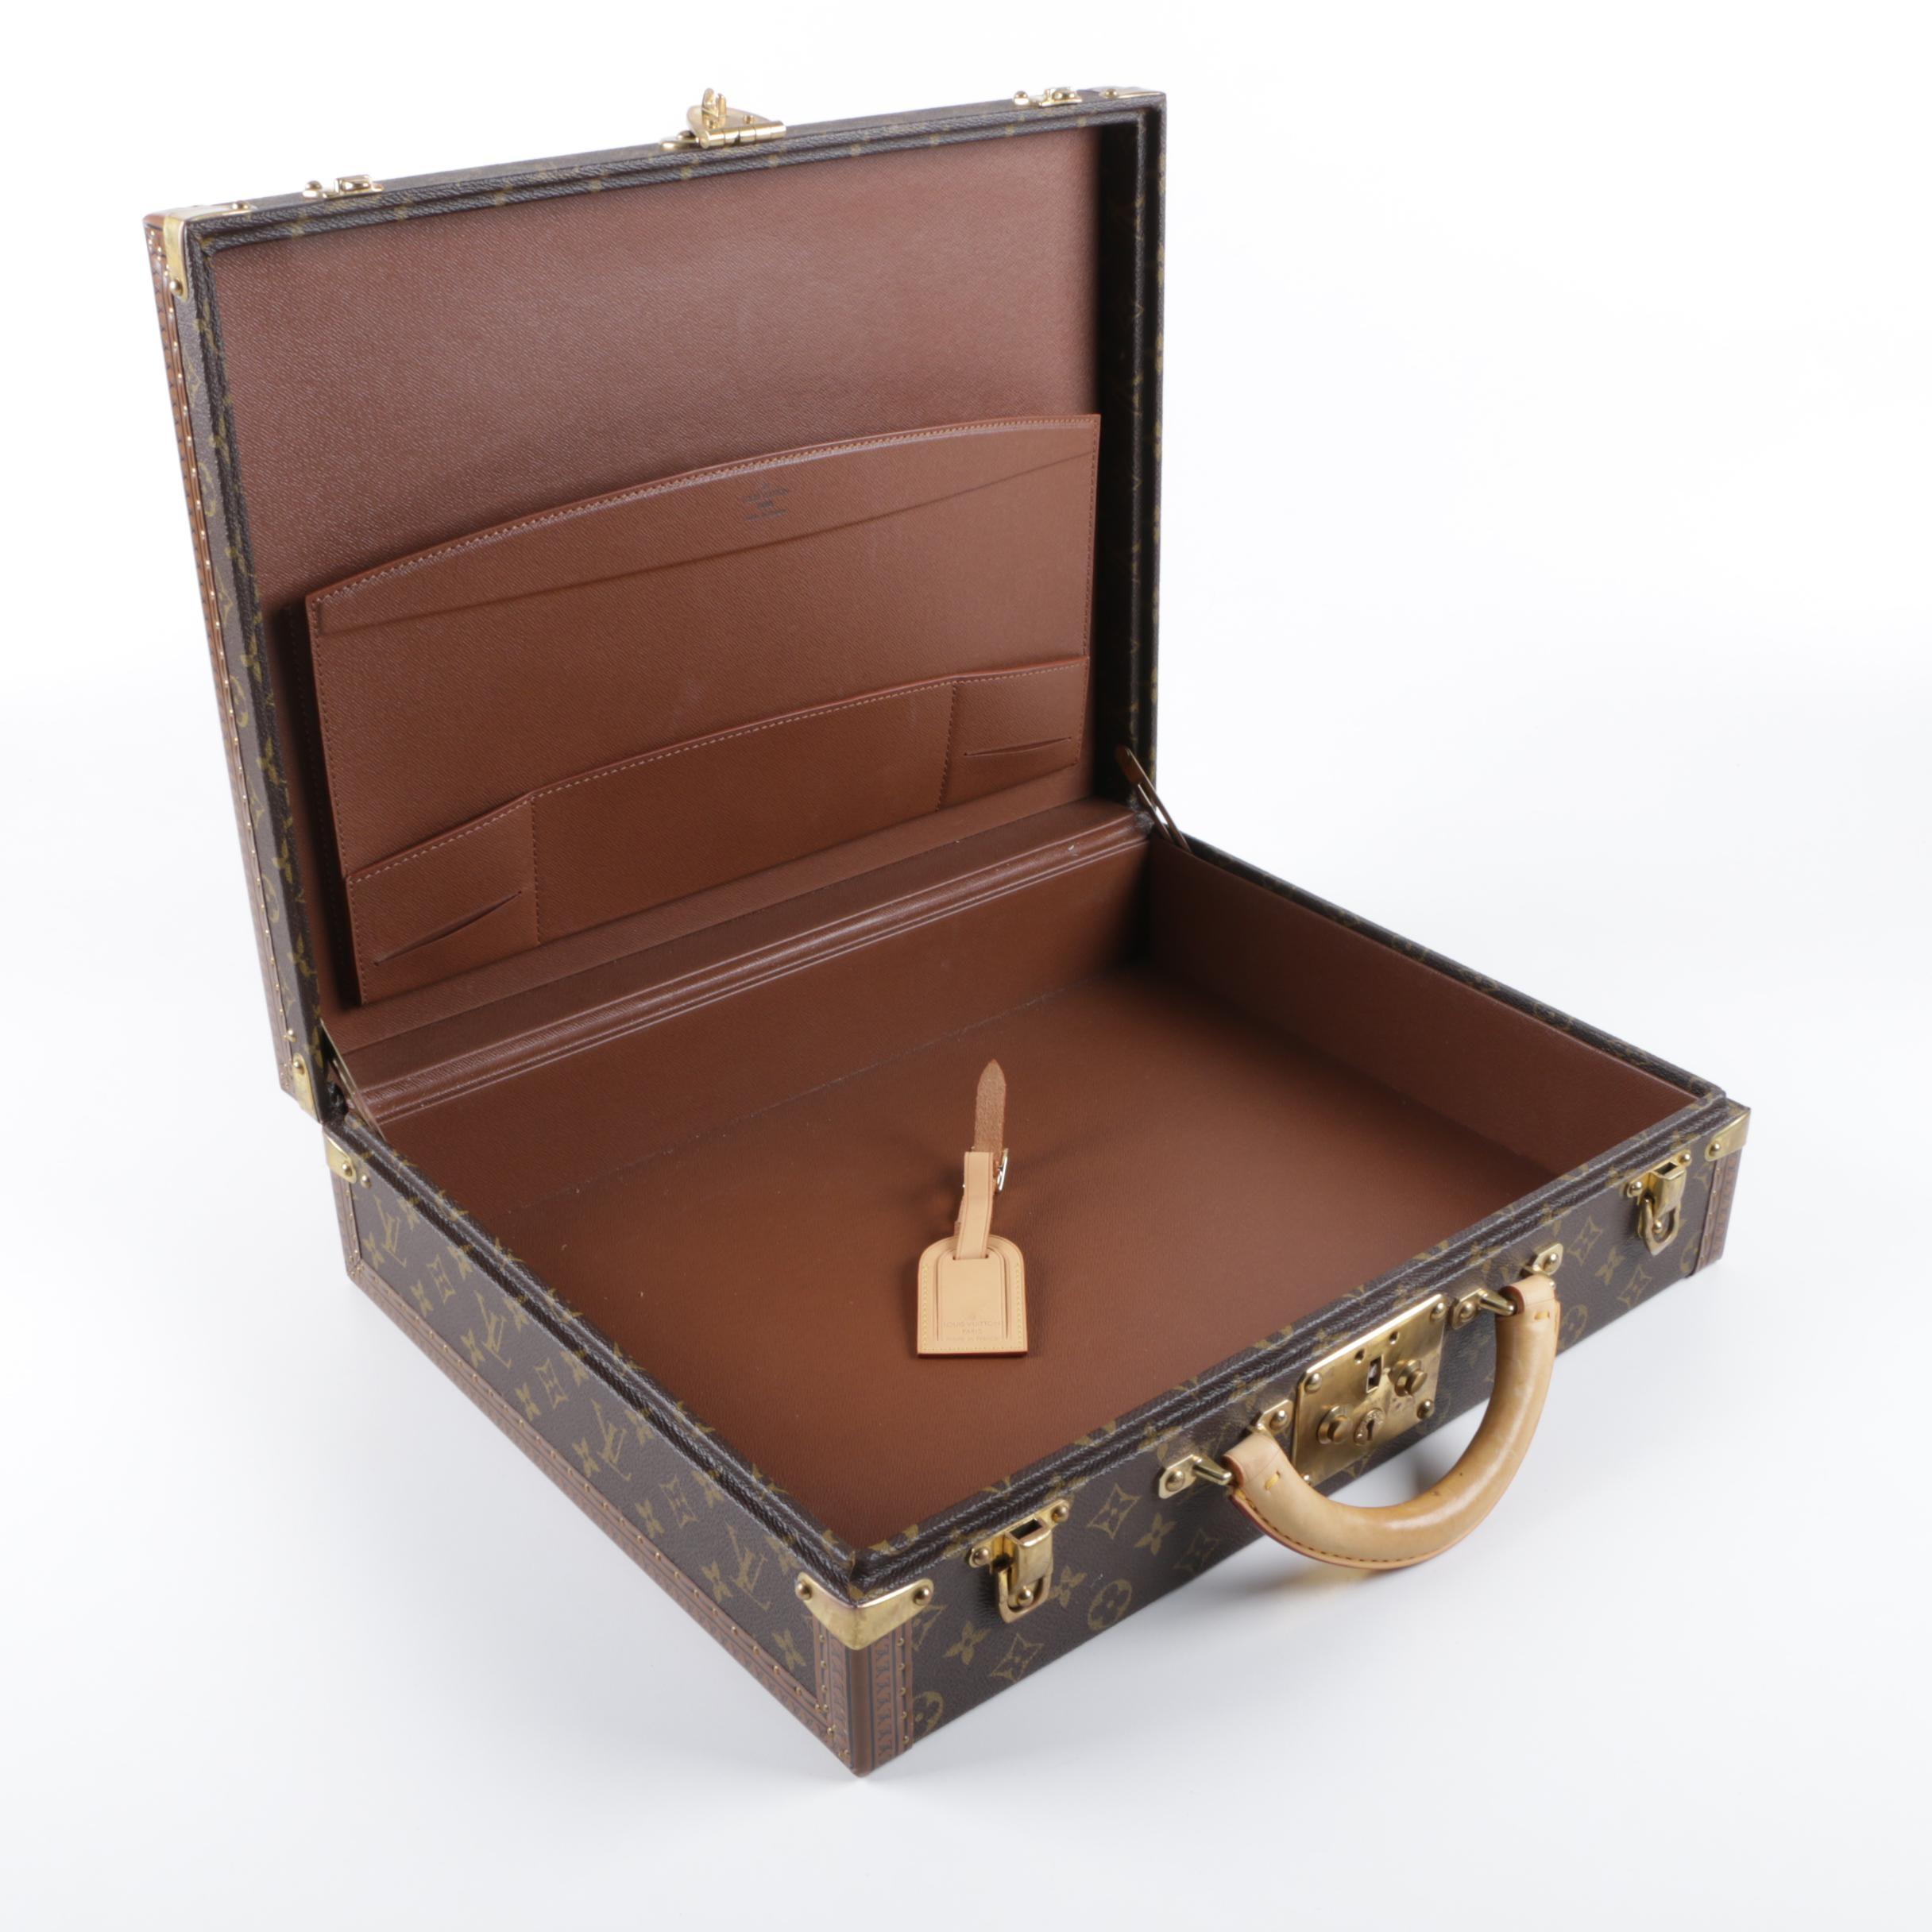 Louis Vuitton Monogram Canvas President Classeur Briefcase